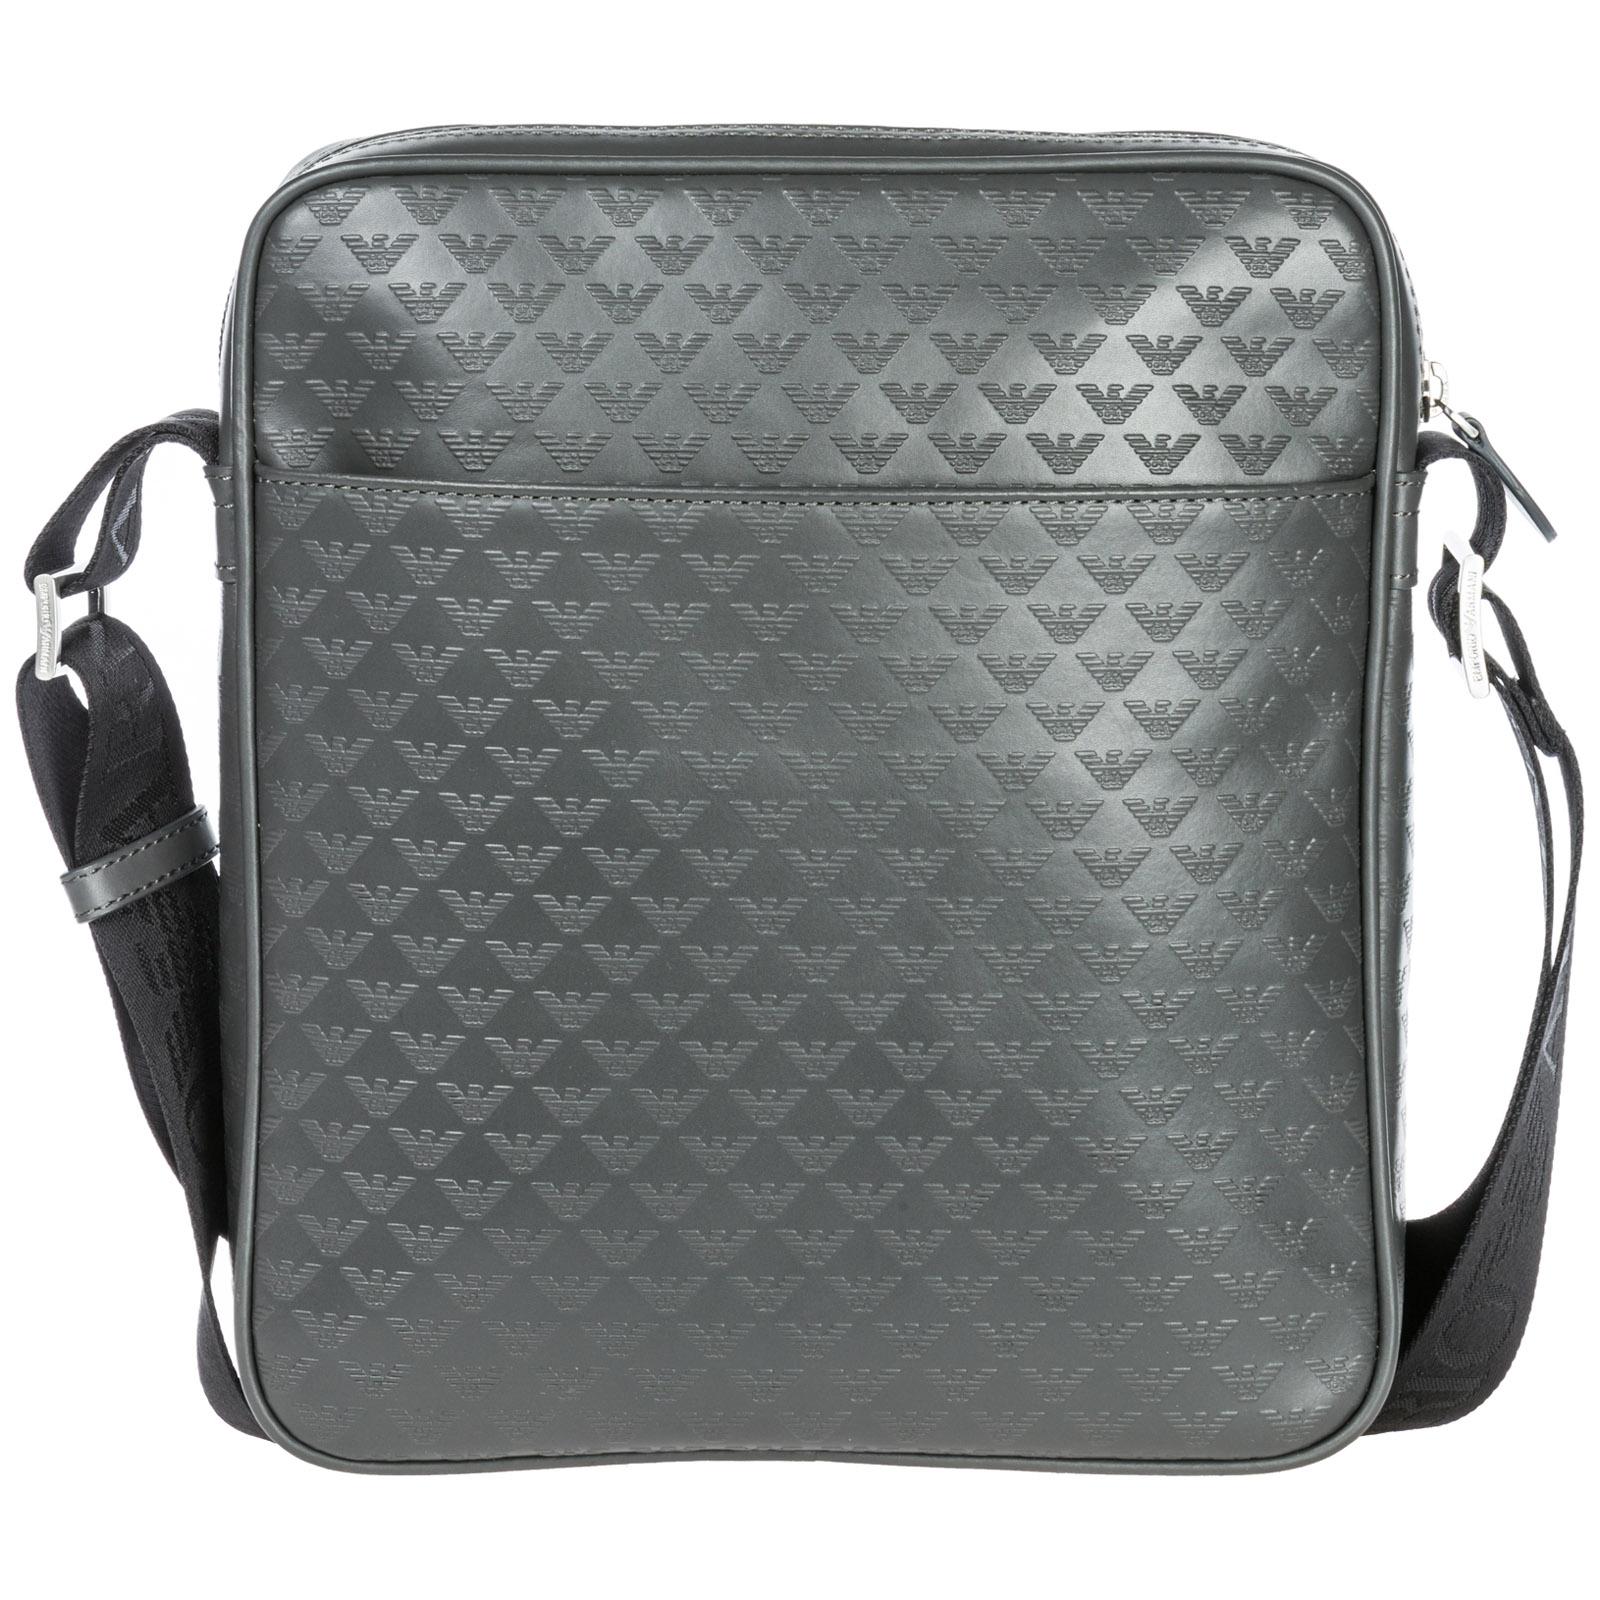 f35064a0cec Crossbody bag Emporio Armani Y4M155YC04380331 grey   FRMODA.com